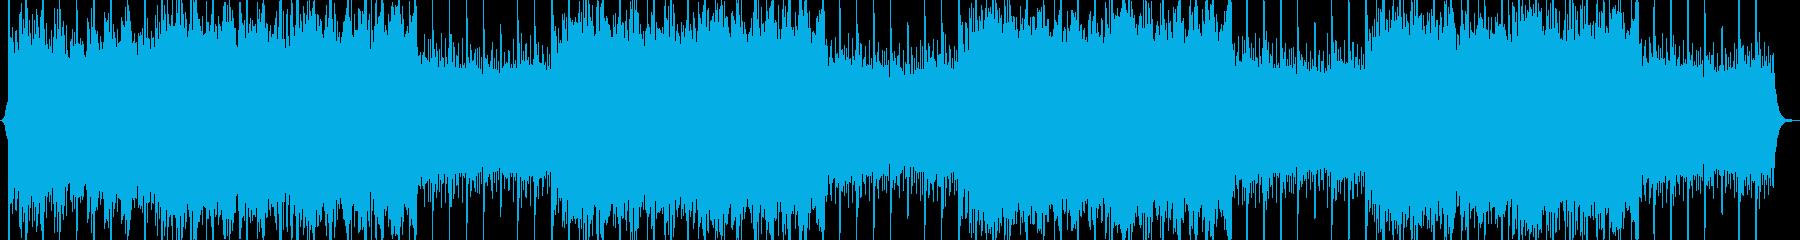 企業VP、壮大・感動的・オーケストラの再生済みの波形